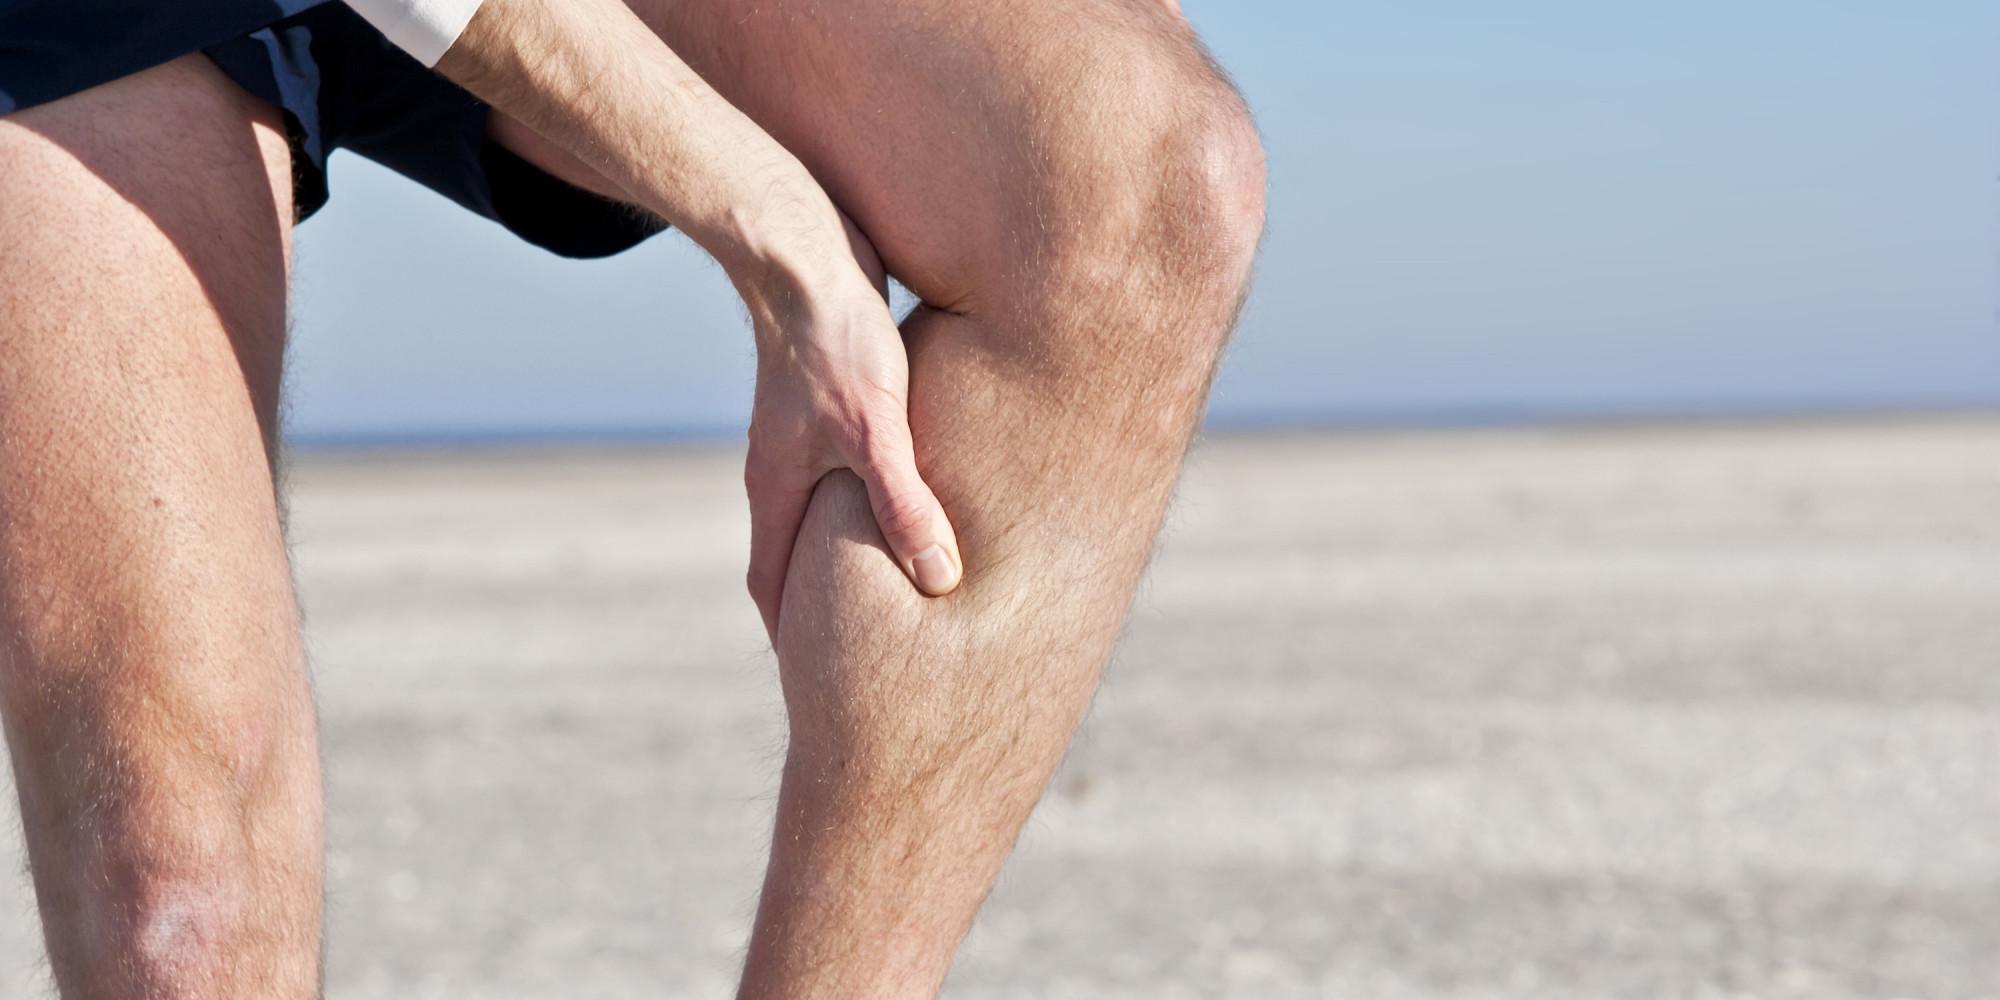 Почему болит вена на ноге под коленом,Post navigation,Свежие записи